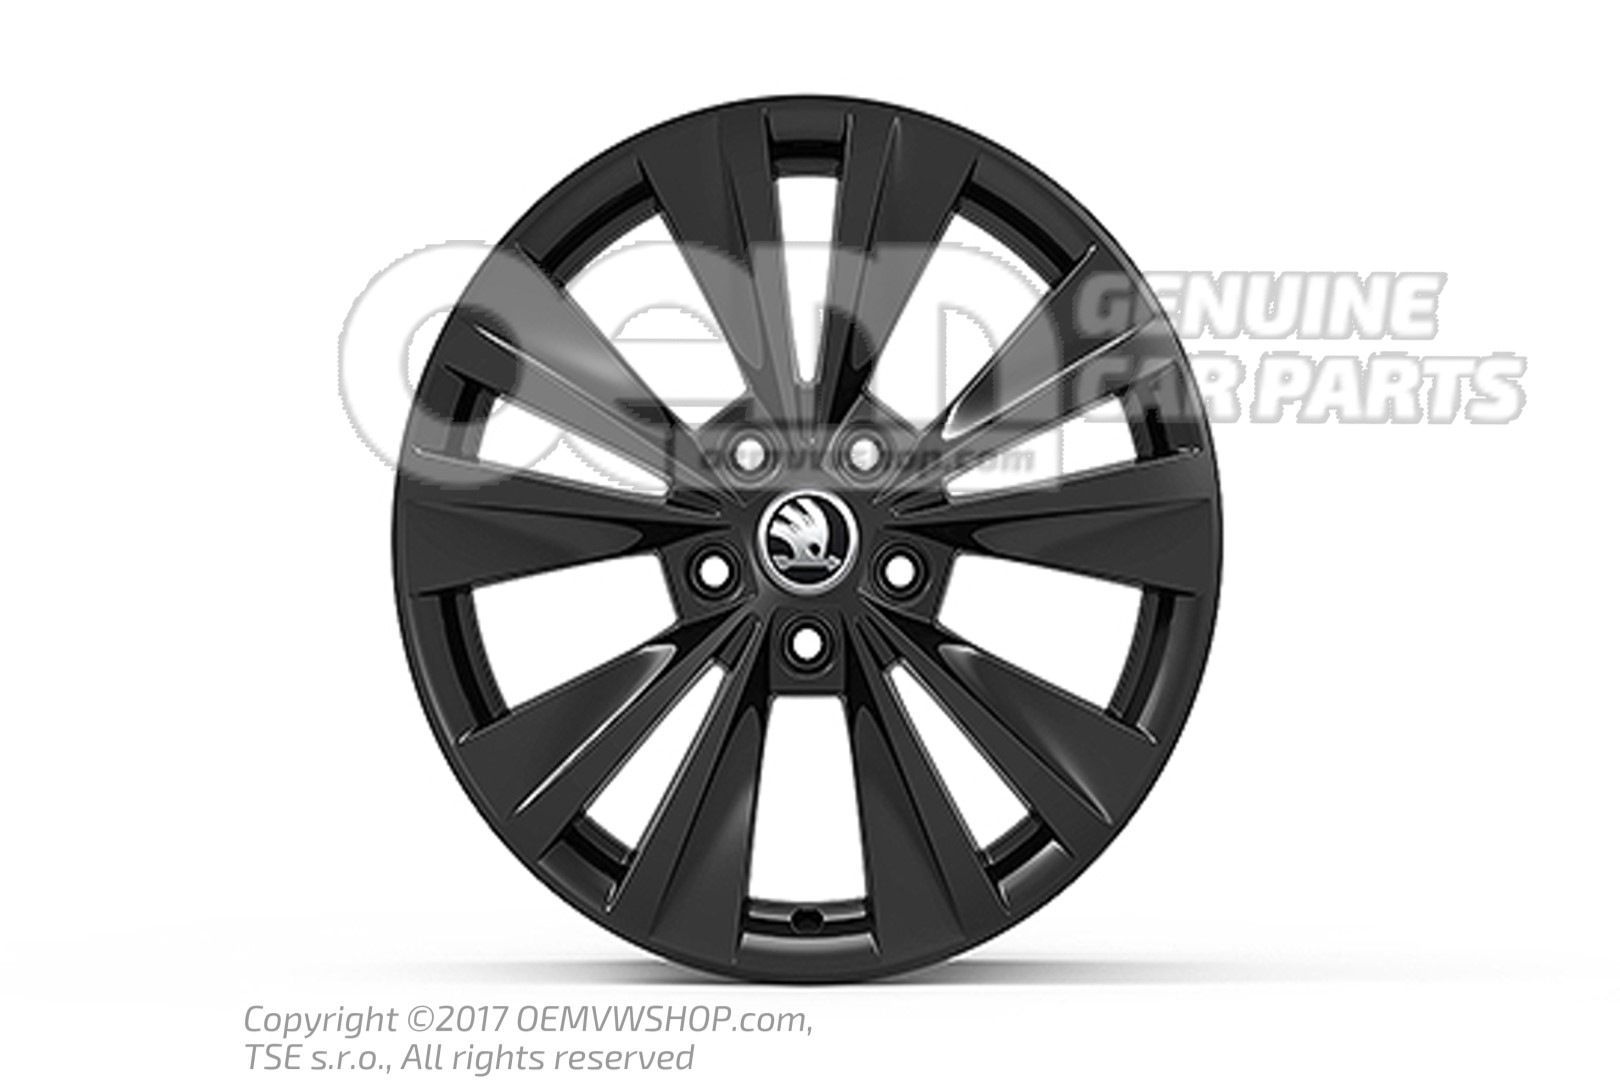 3t0071497 jx2 3t0071497jx2 llanta de aluminio negro - Pulir llantas de aluminio a espejo ...